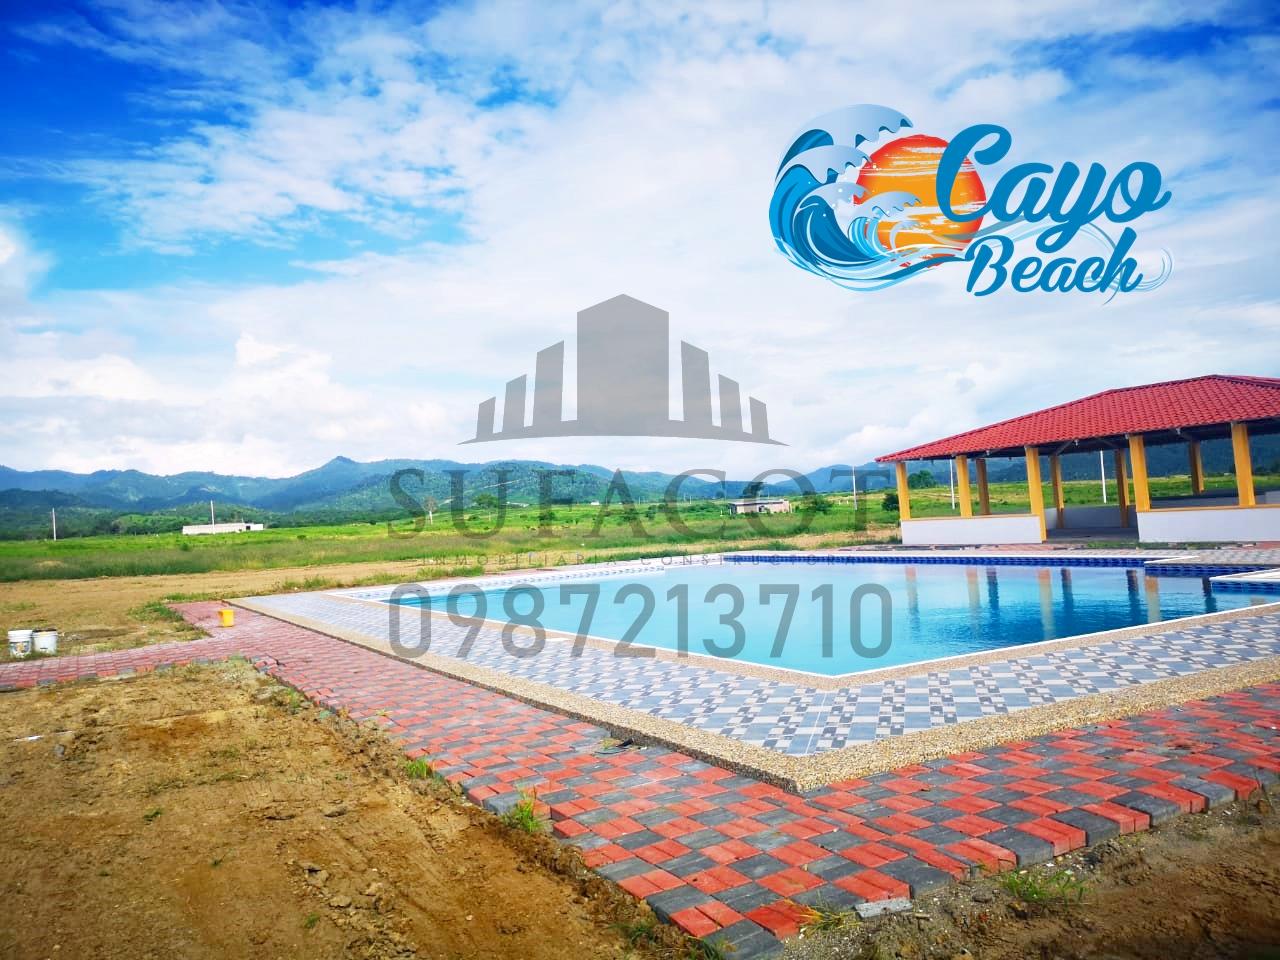 venta-de-terrenos-lotizacion-cayo-beach-en-la-playa-de-puerto-cayo-jijpija-manabi-4